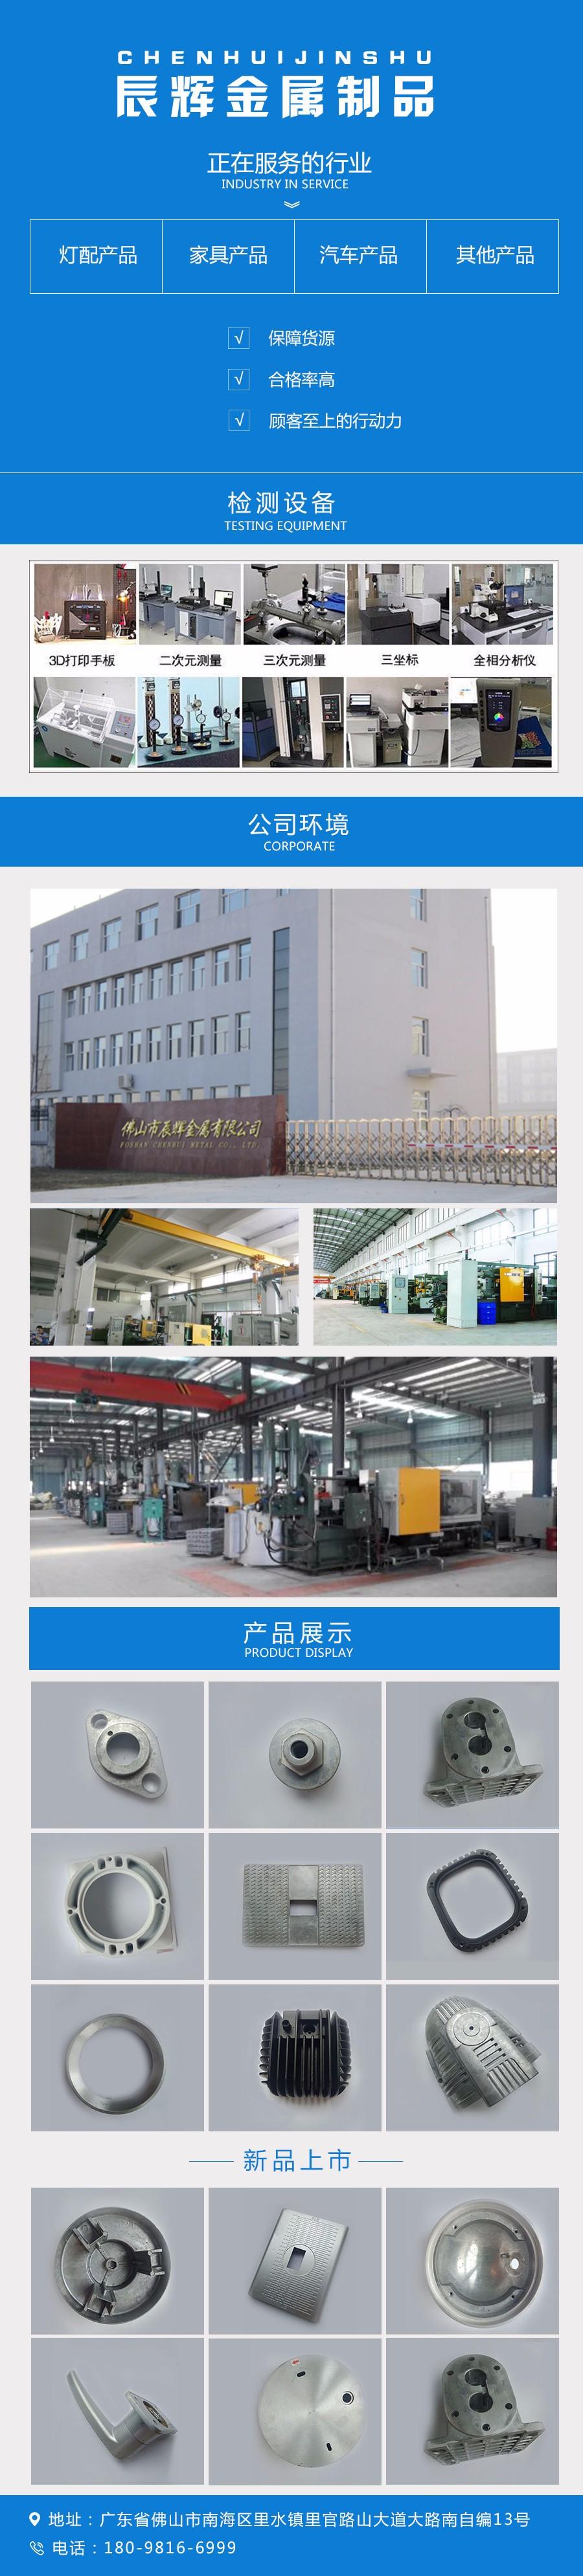 铝合金压铸|锌合金压铸|铝合金压铸件|压铸模具厂家